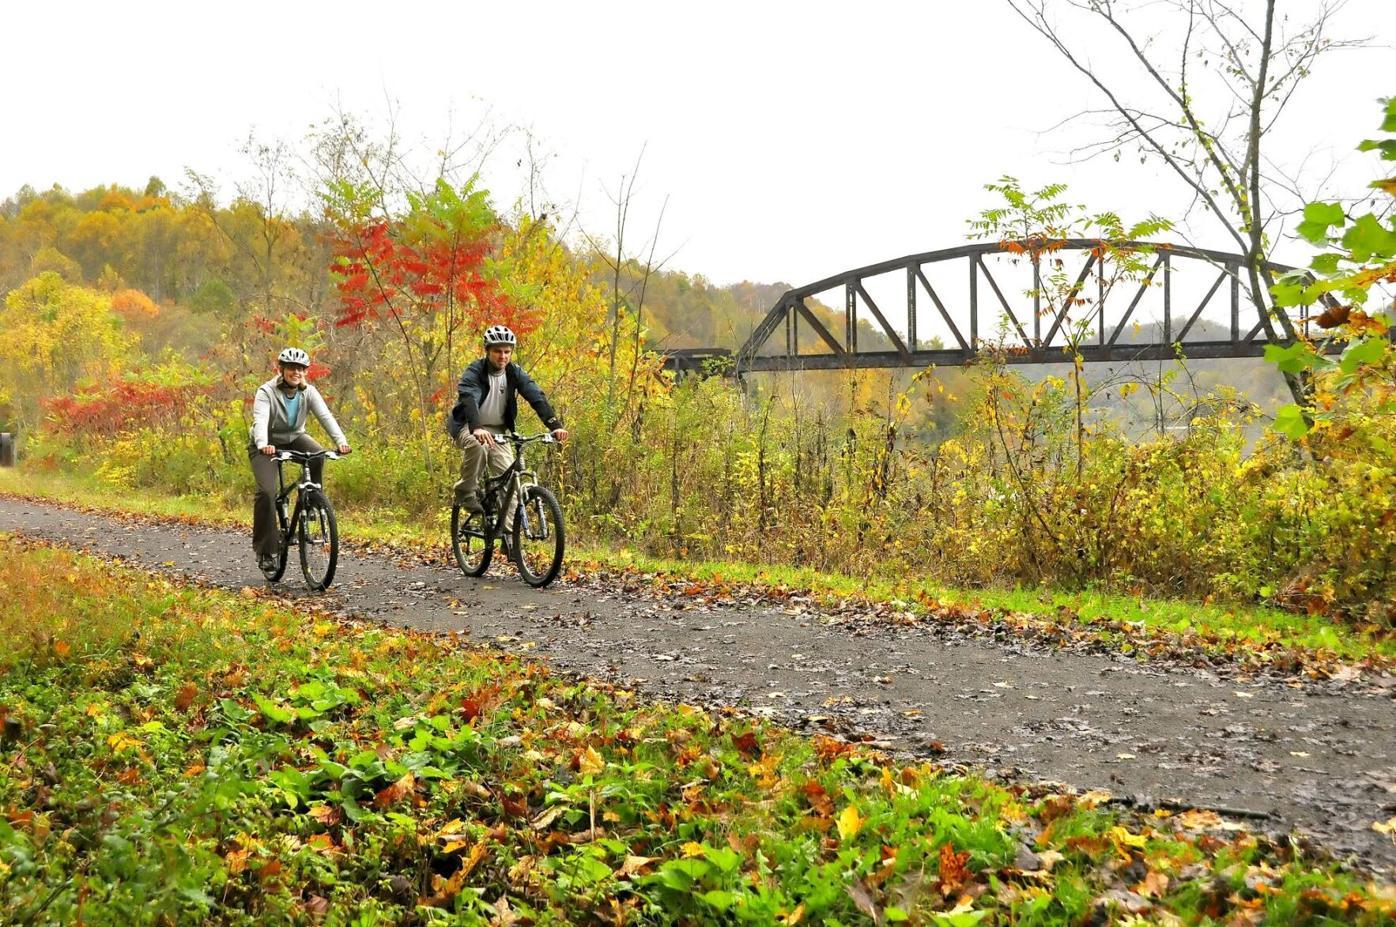 Mon River Trail South